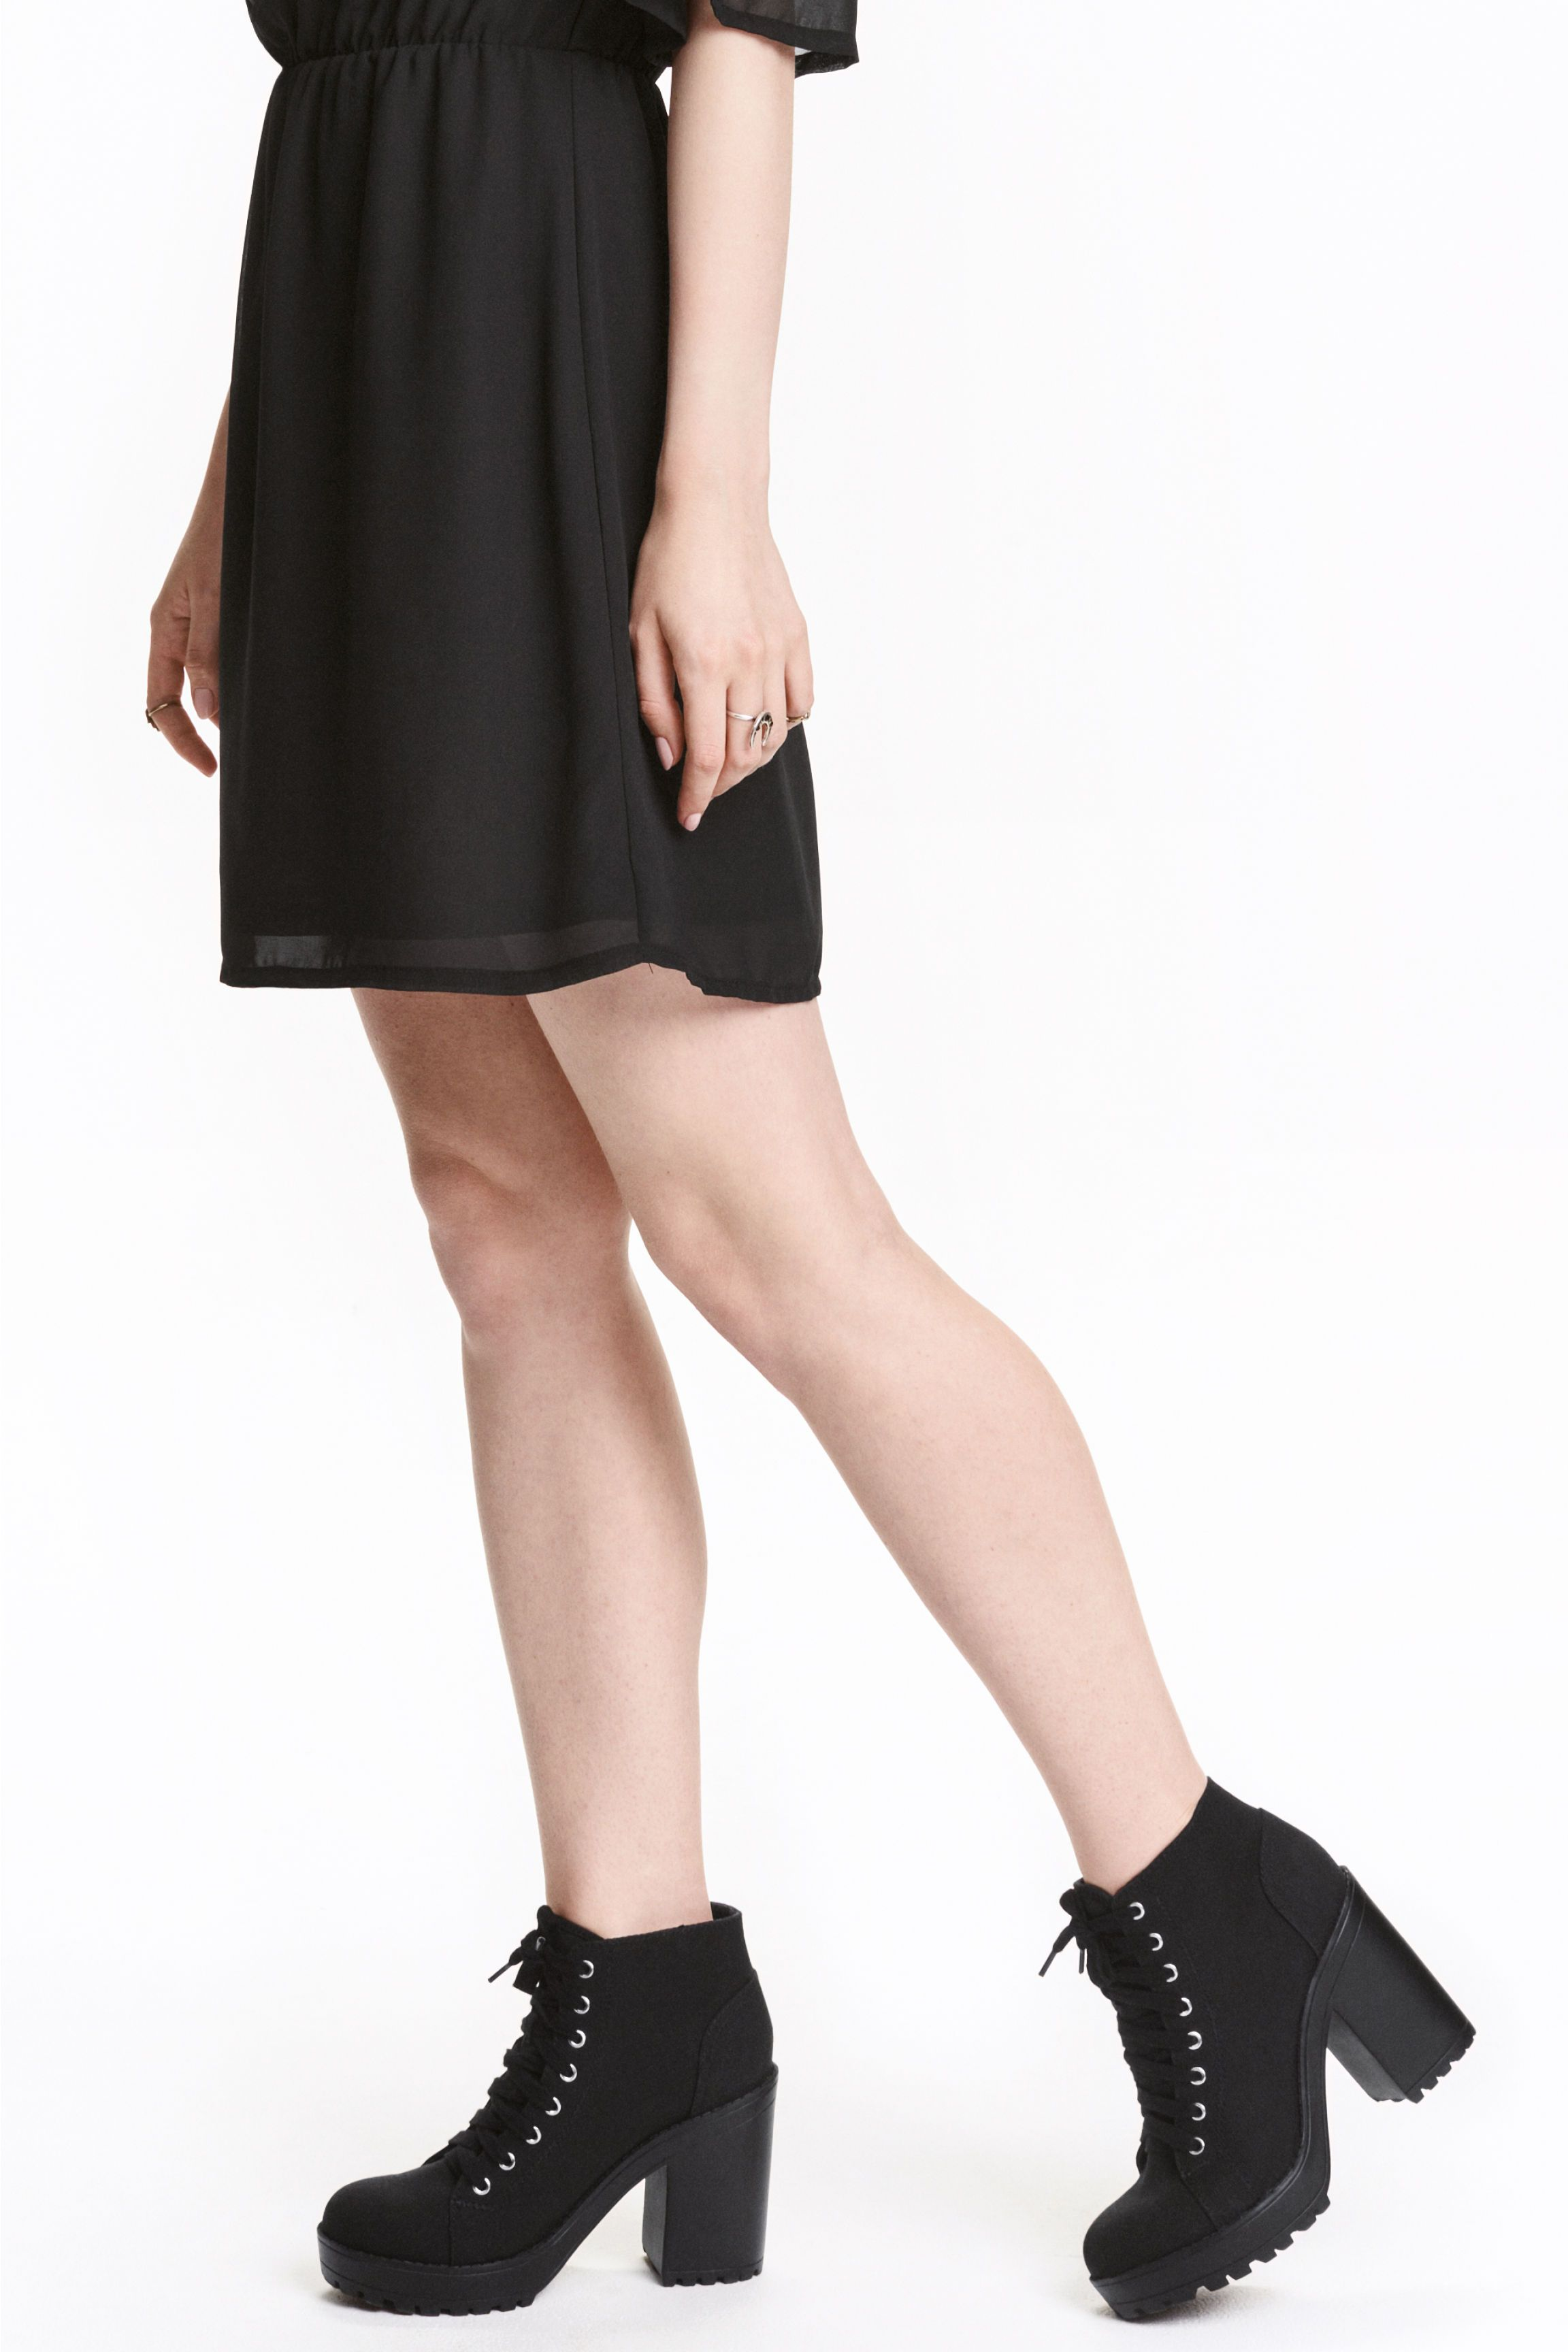 Stivaletti con plateau in tela | Stile di moda, Tela nera e